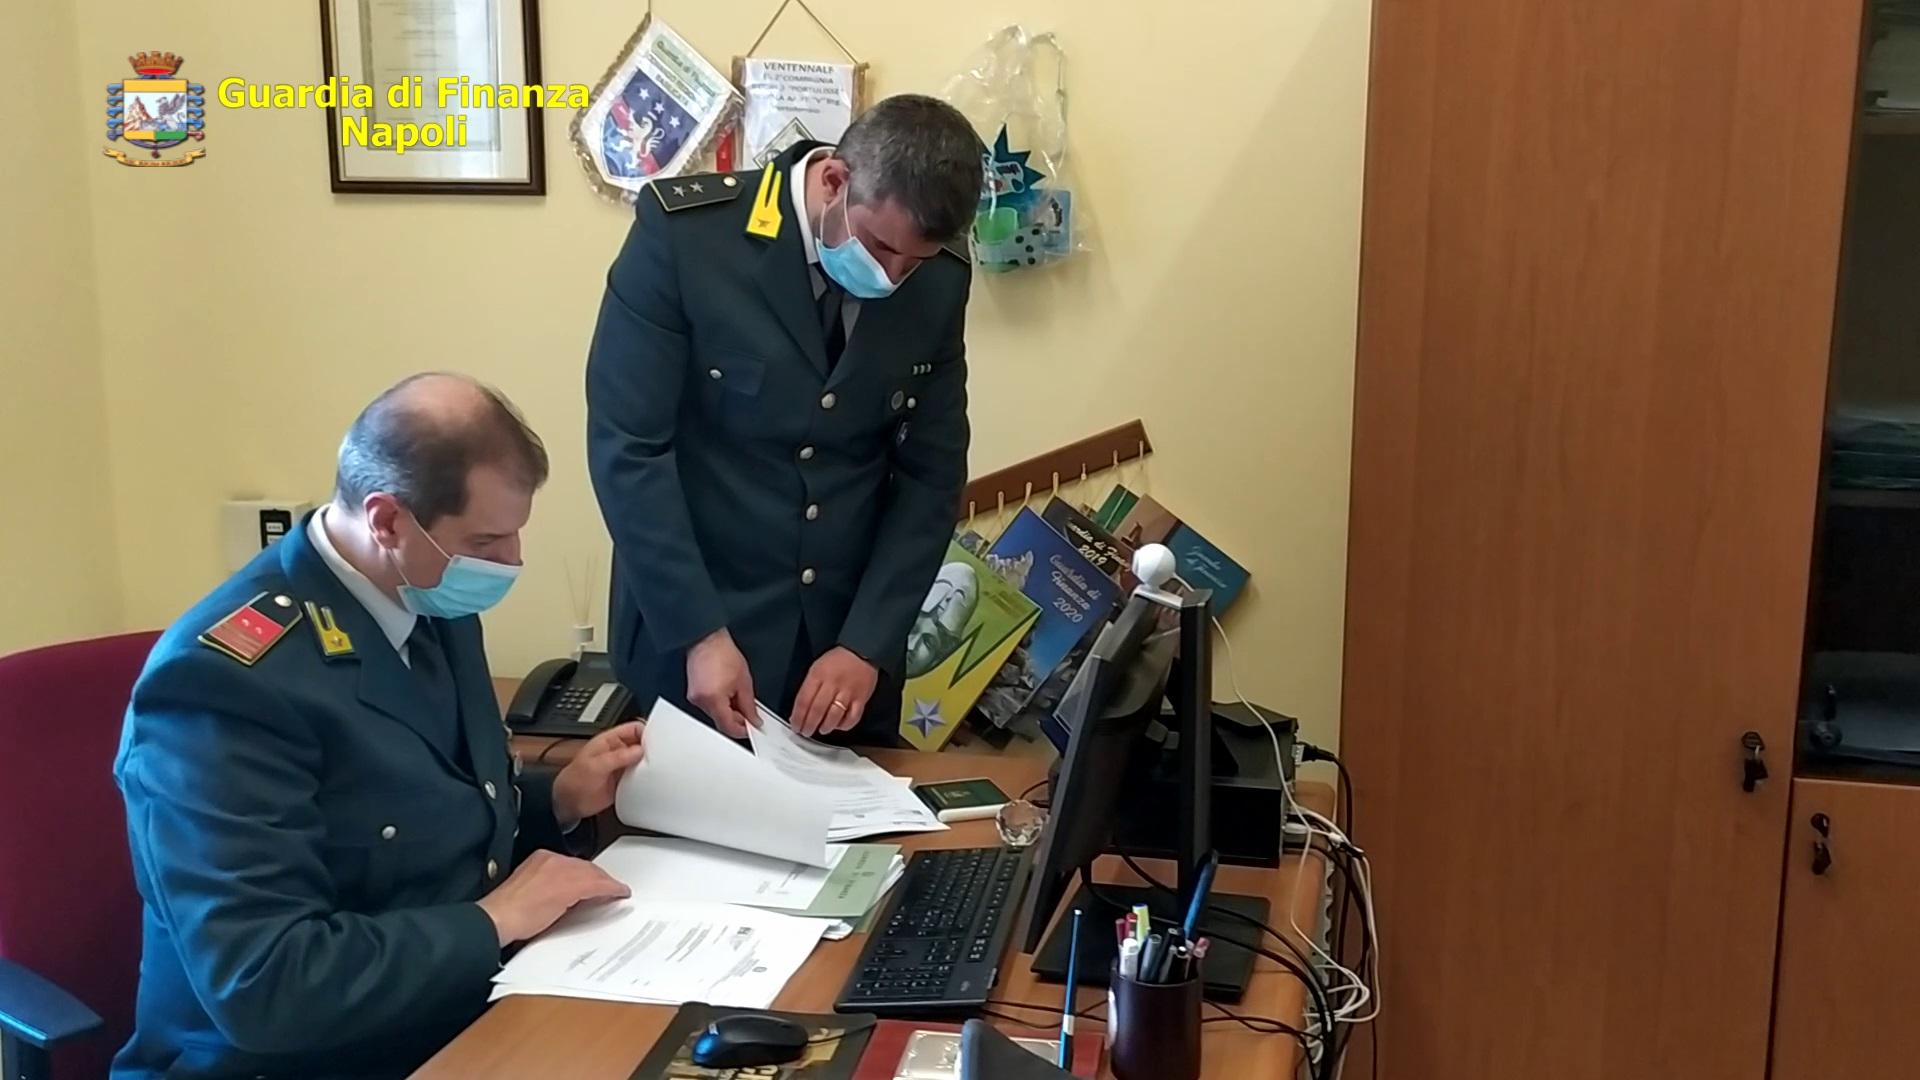 Napoli, le fiamme gialle scoprono maxi frode fiscale, sequestri per 16 milioni